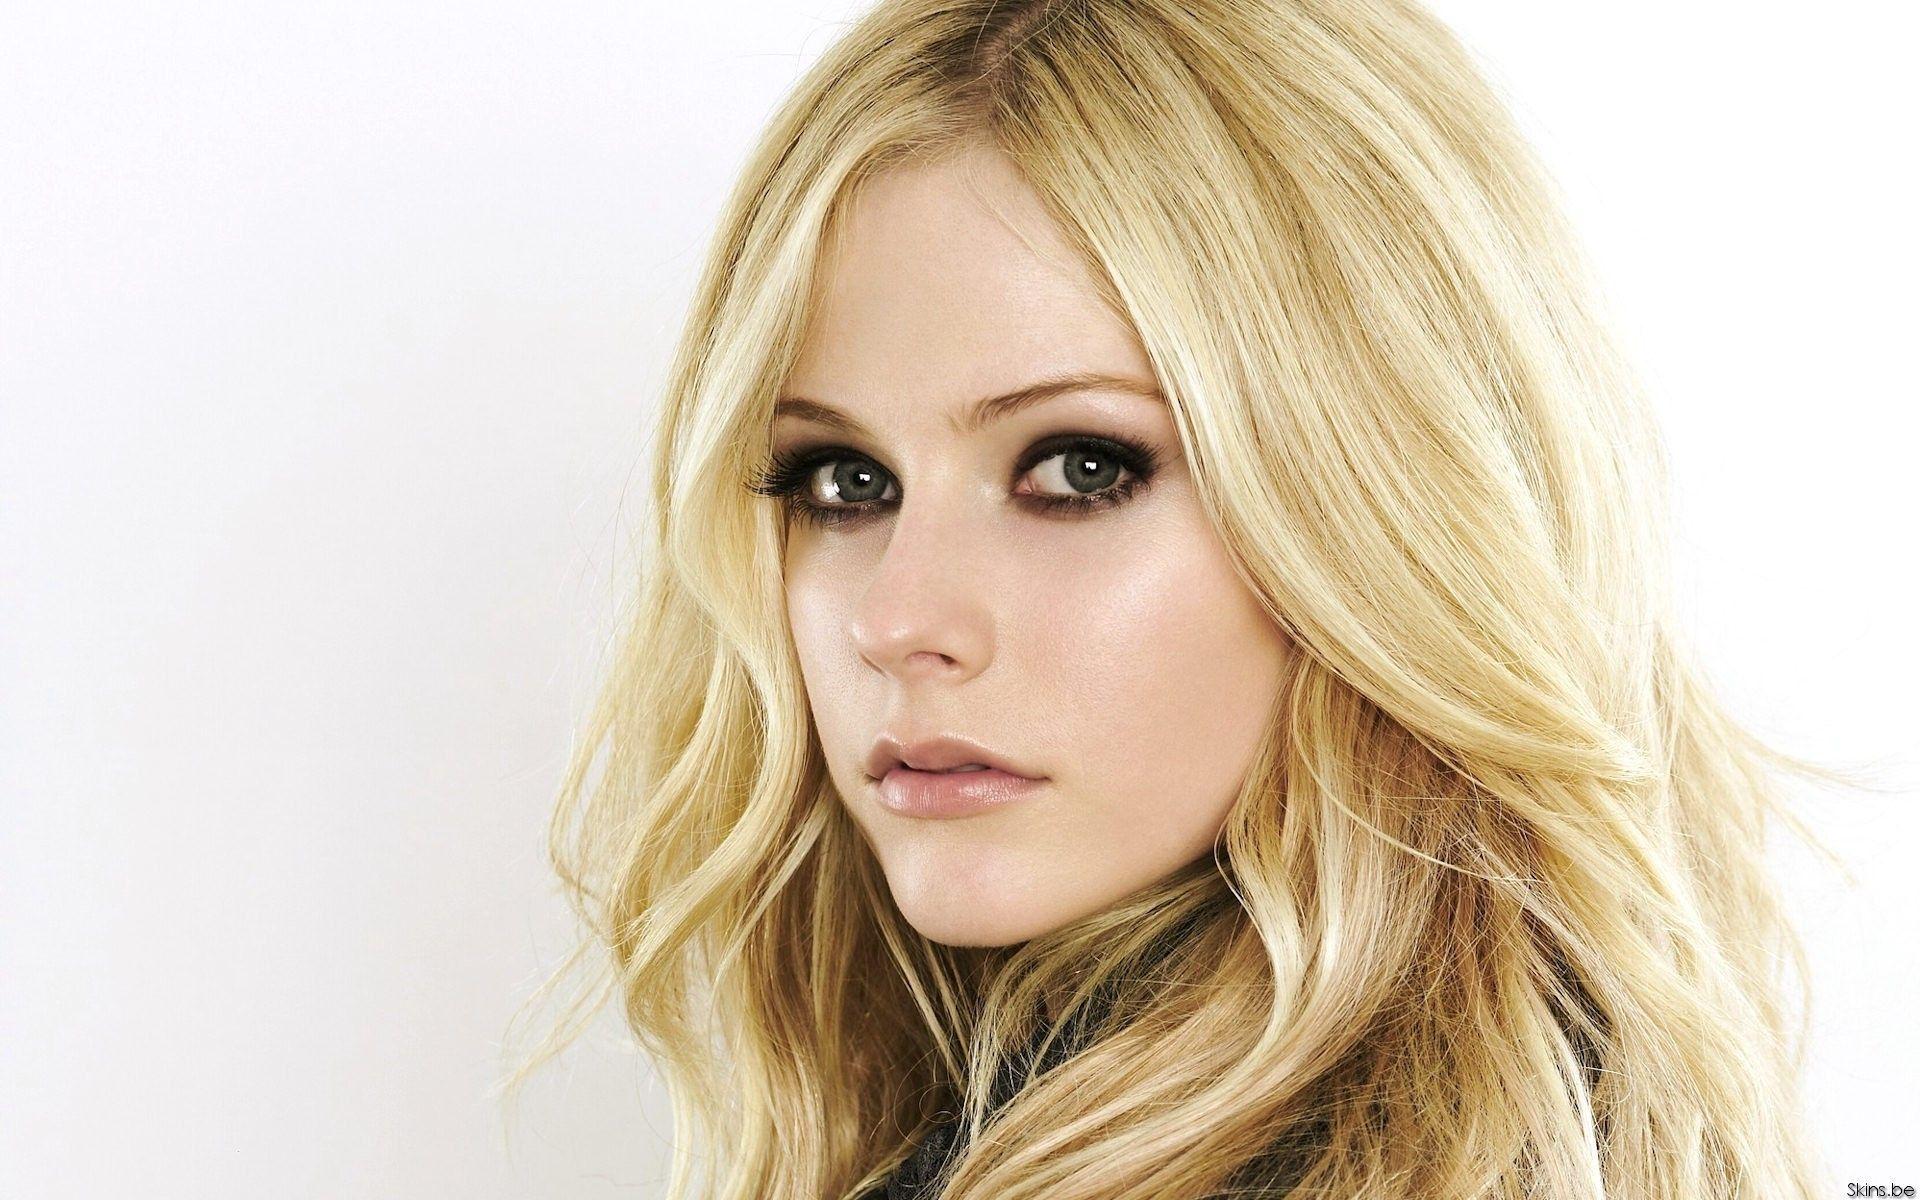 Pin by STEVE on Avril | Avril lavigne, Beauty women, Most